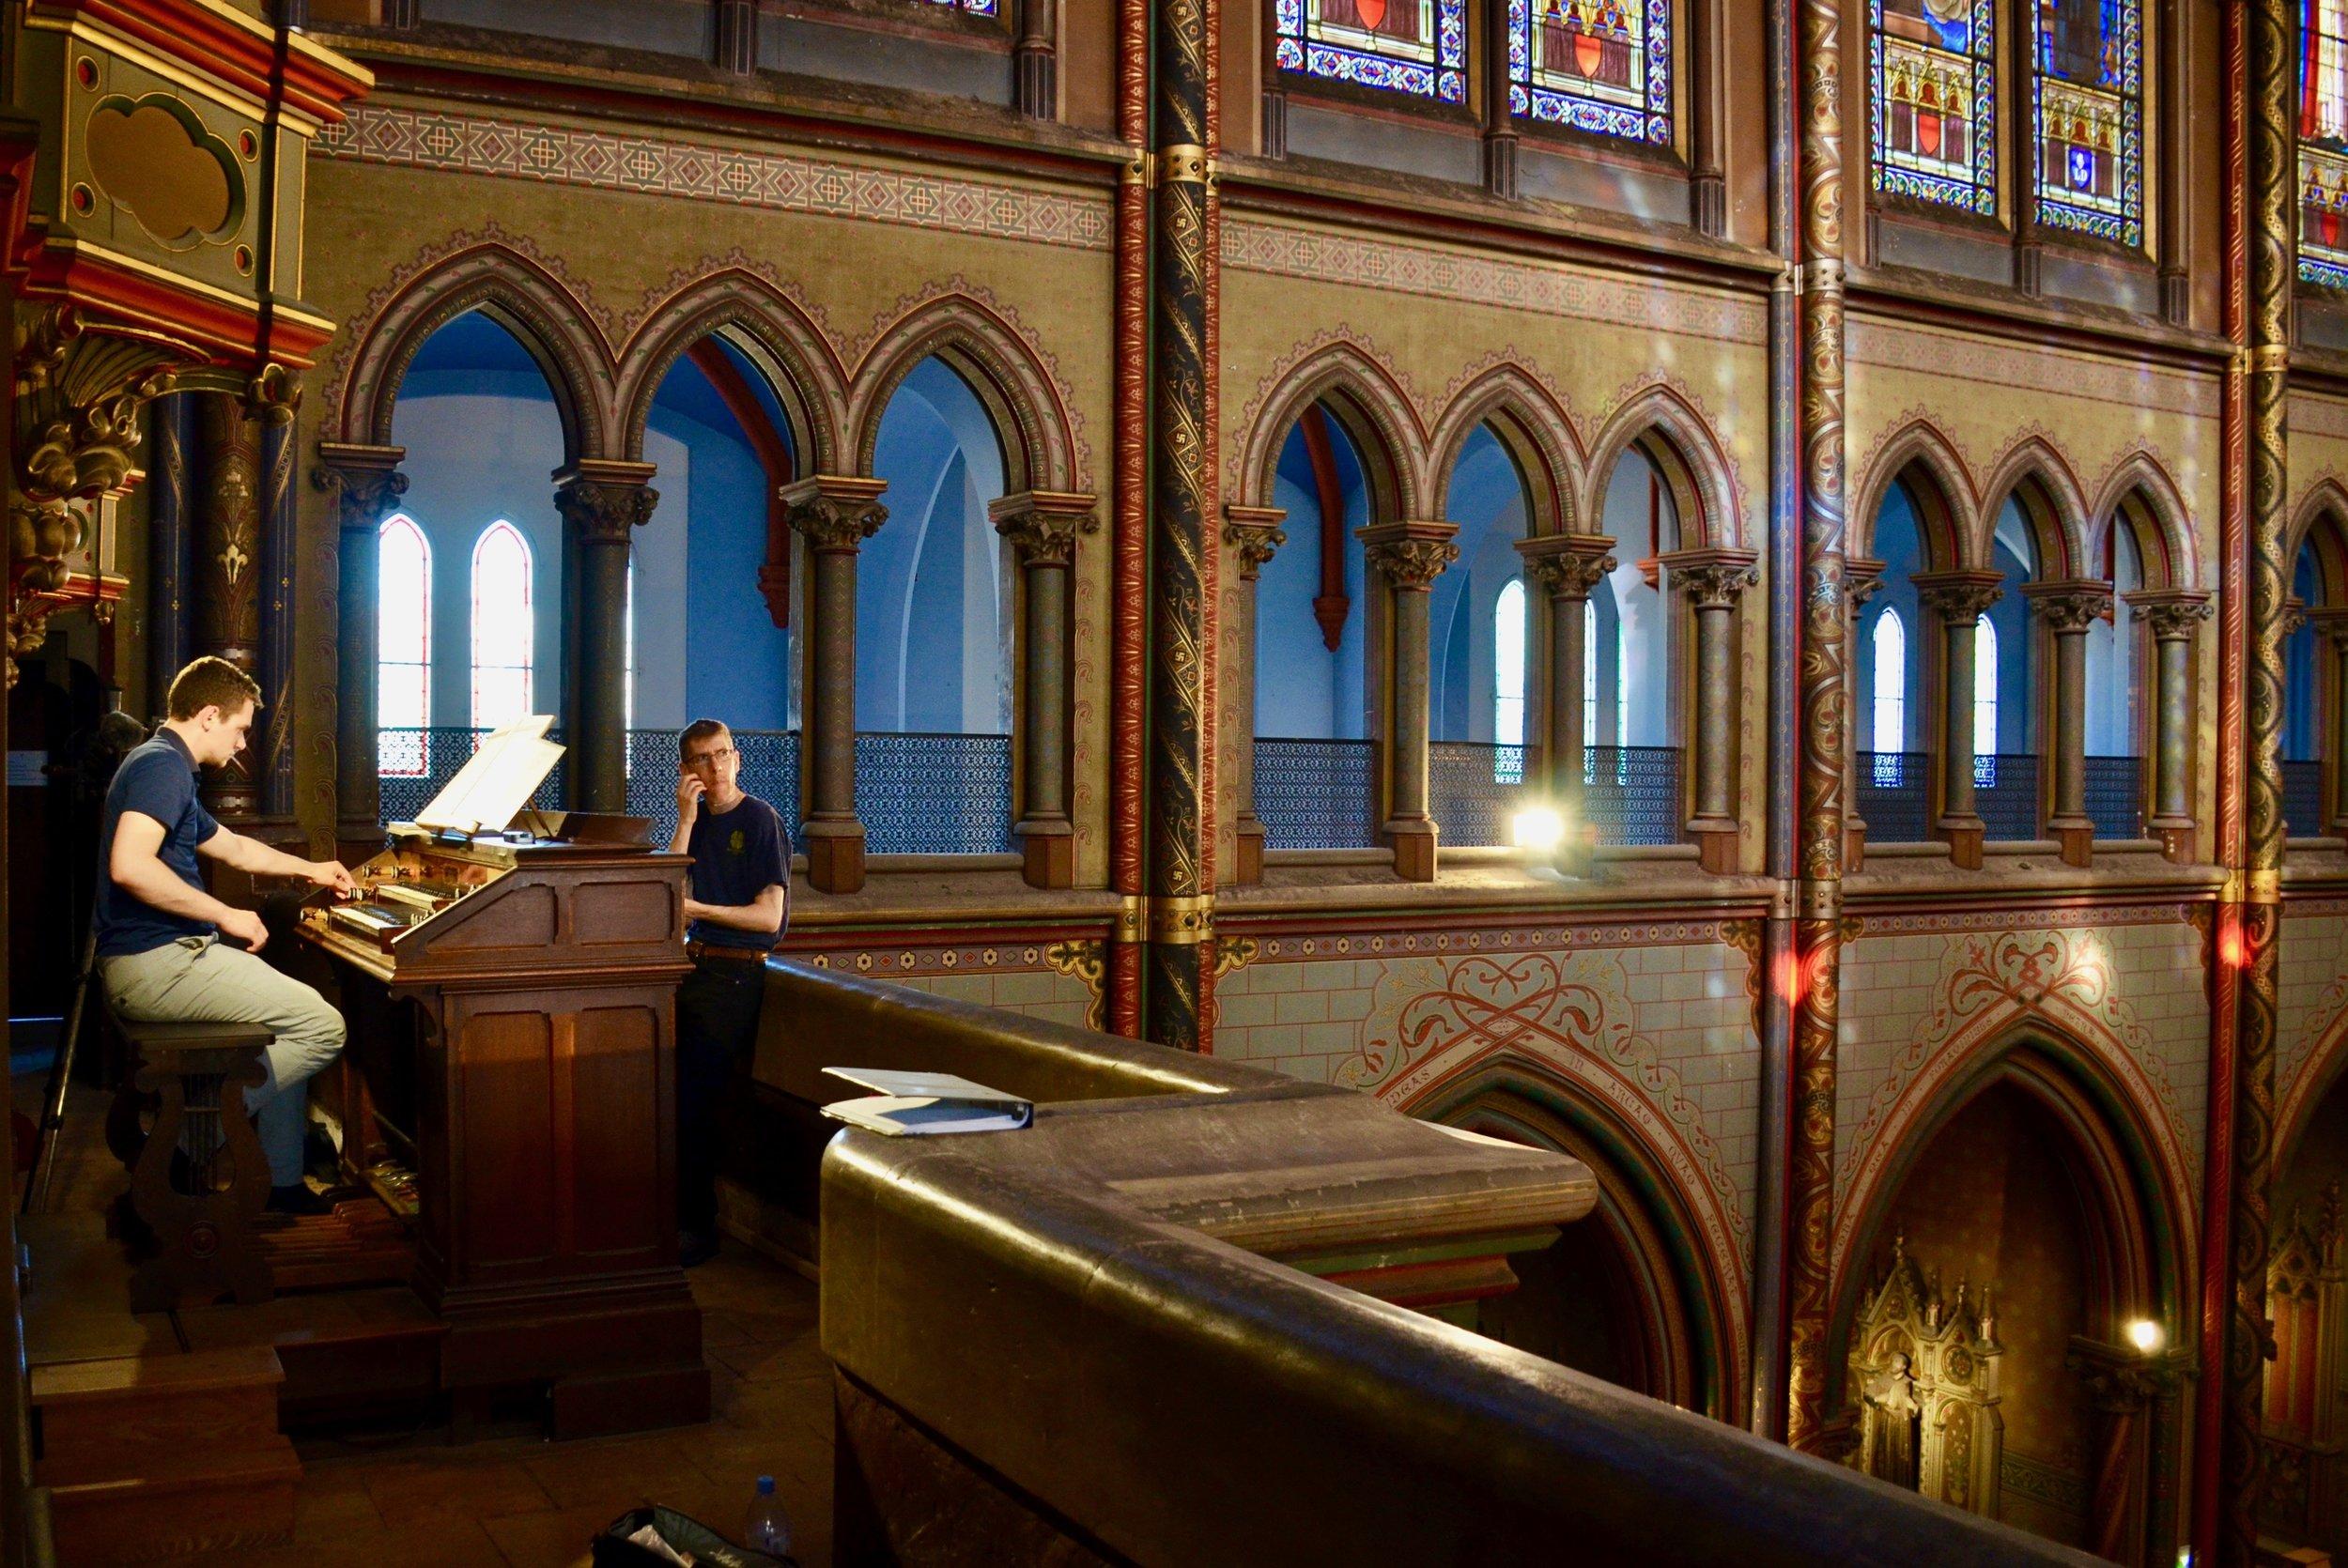 David von Behren plays the Cavaillé-Coll organ in Gésu Church, Toulouse